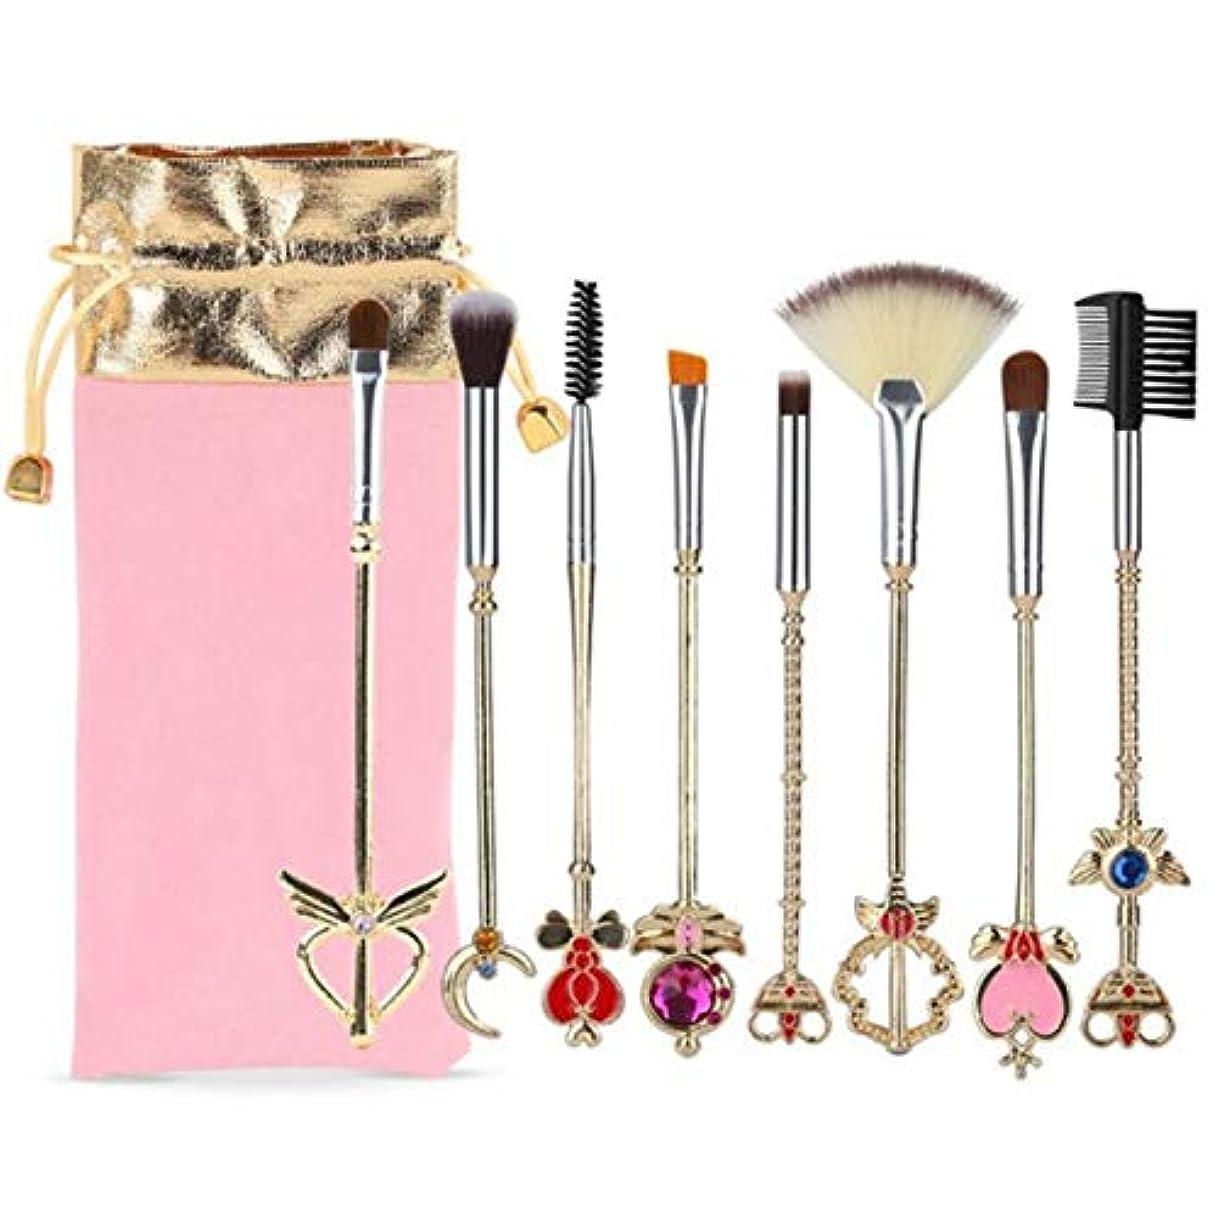 セグメントオーク香りQuzama-JS よく作られた8 PCのセーラームーン化粧ブラシは、ポーチ、魔法の女の子ゴールドcardcaptor桜の化粧ブラシでセットされた巾着バッグ